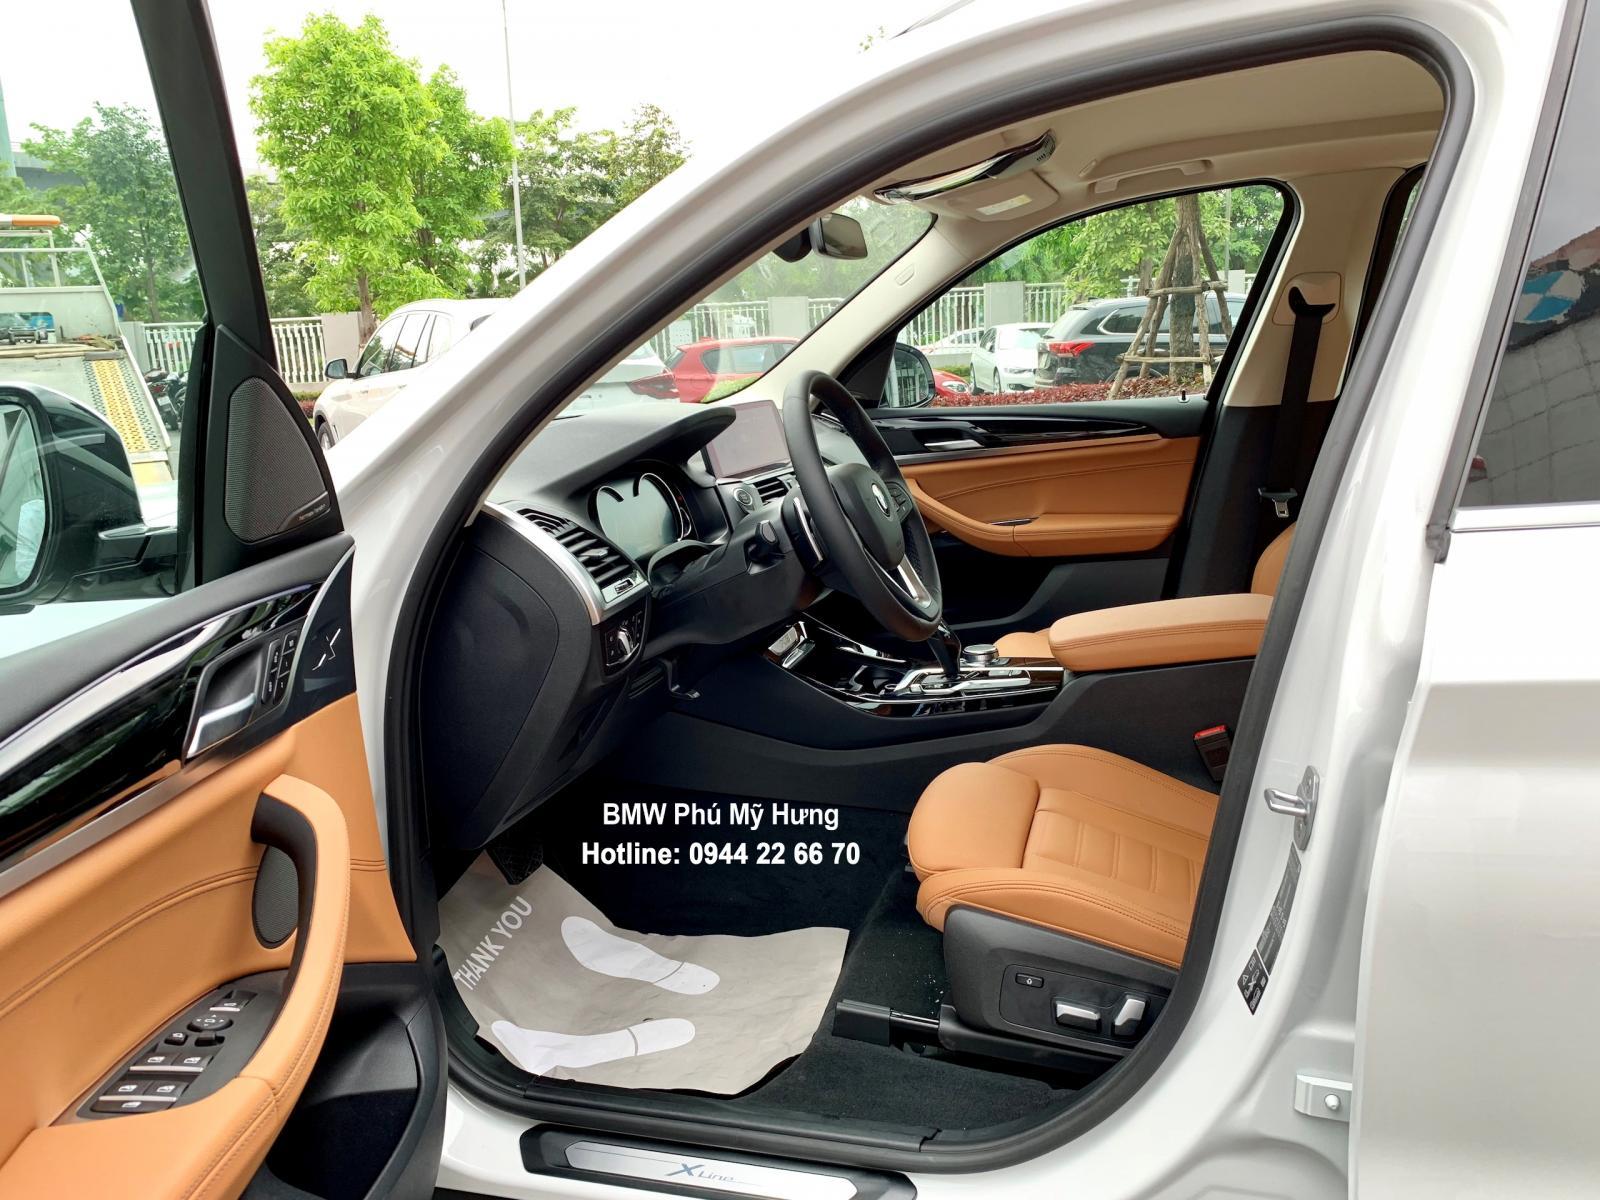 BMW X3 2019 miễn phí 3 năm bảo dưỡng, tặng bảo hiểm vật chất, đặt cọc sớm có xe giao ngay